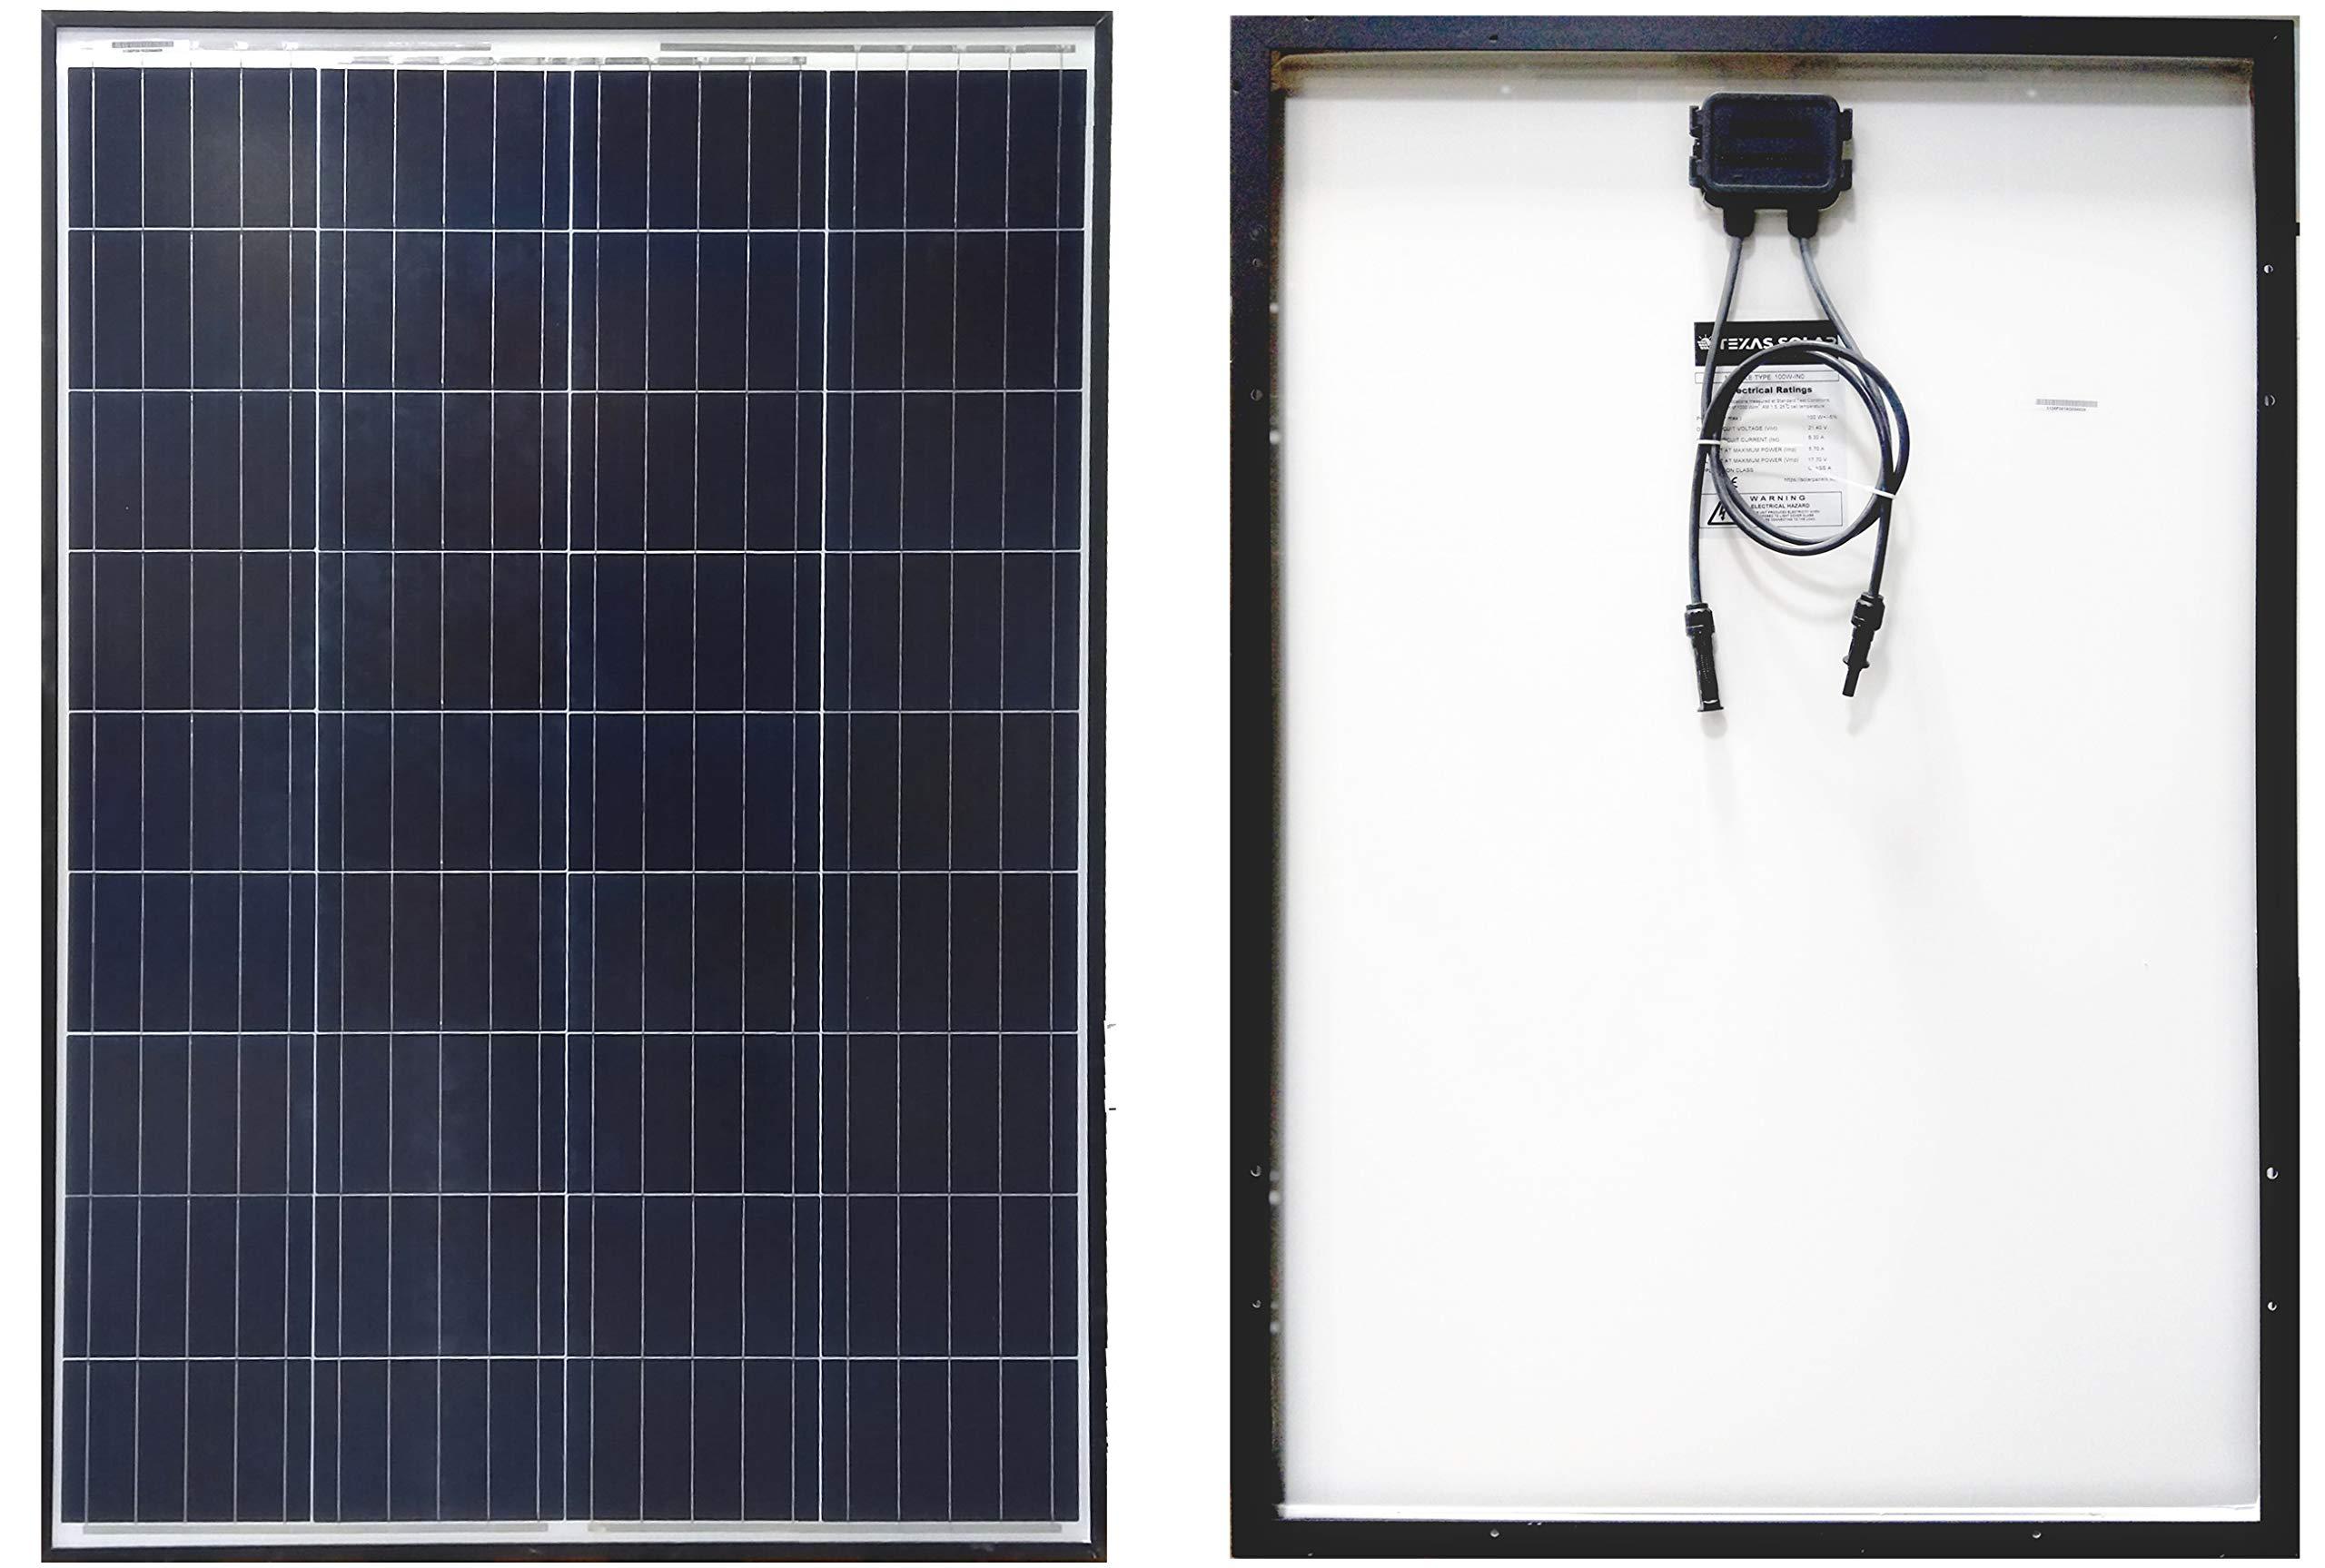 Texas Solar 100 Watt Polycrystalline 100W 12V Poly Solar Panel Module RV Marine Boat Yacht Off GridWaterproof Hail-Proof by Texas Solar